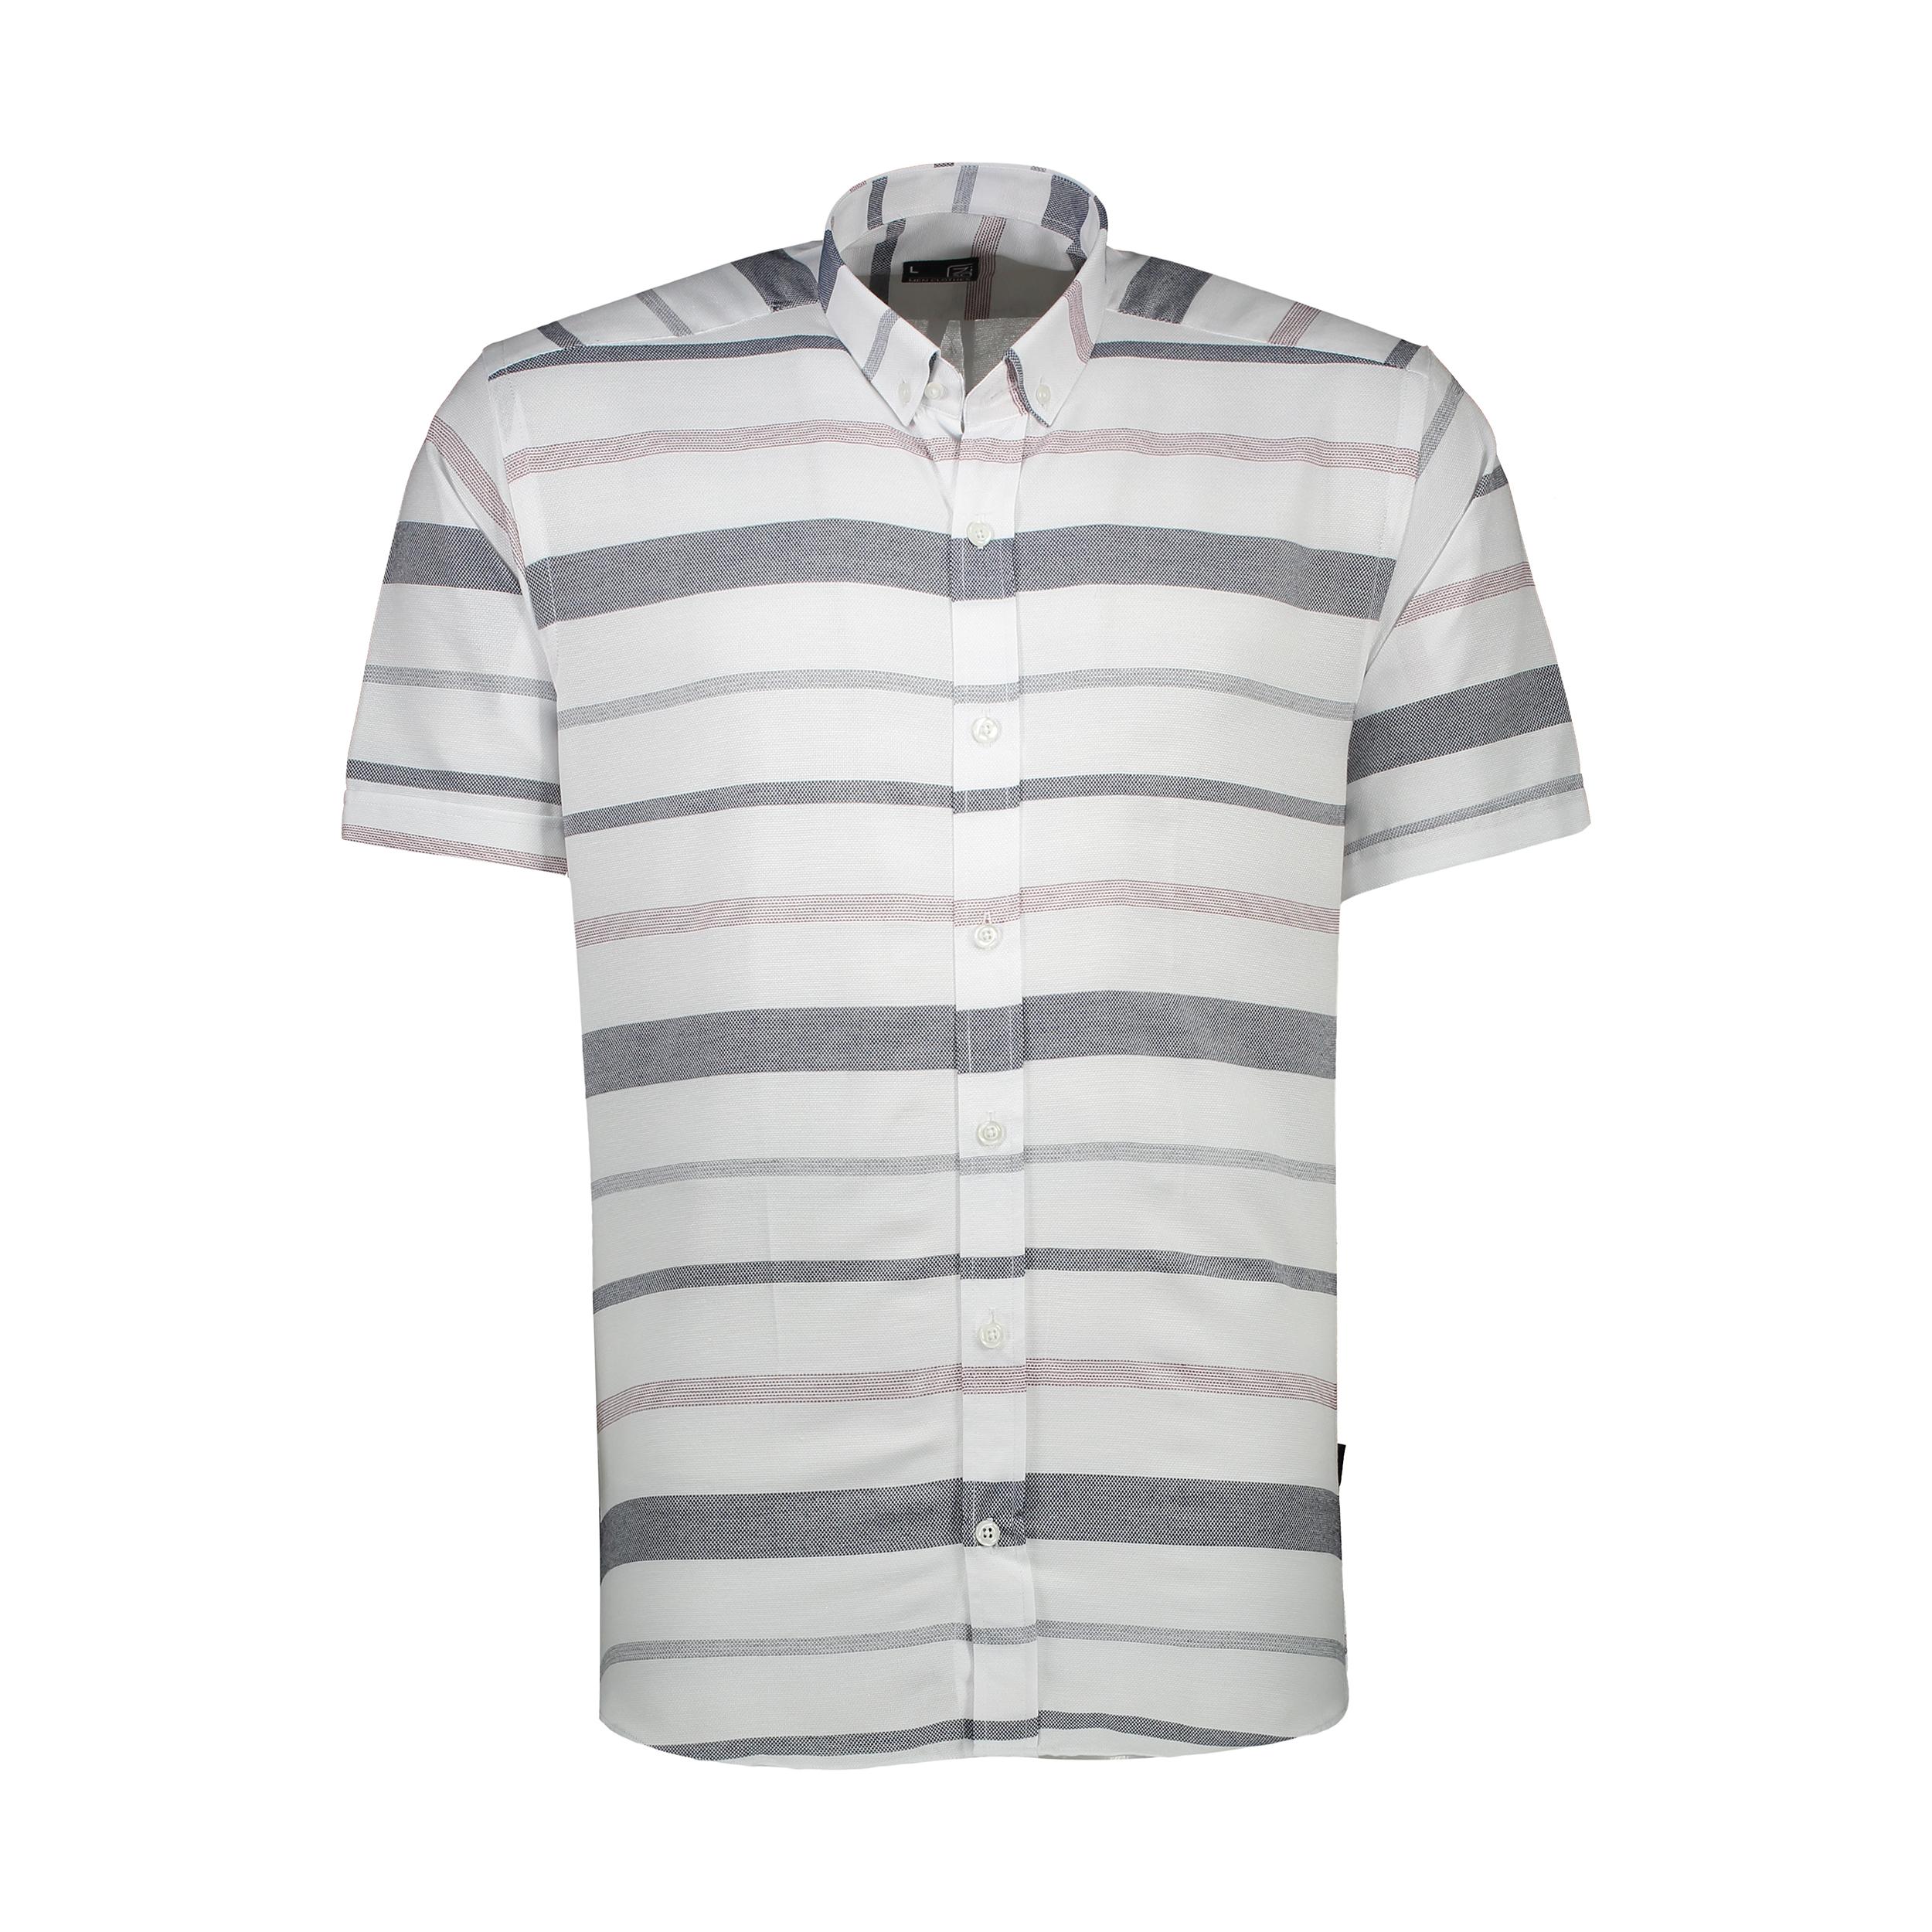 پیراهن مردانه زی مدل 15314950159